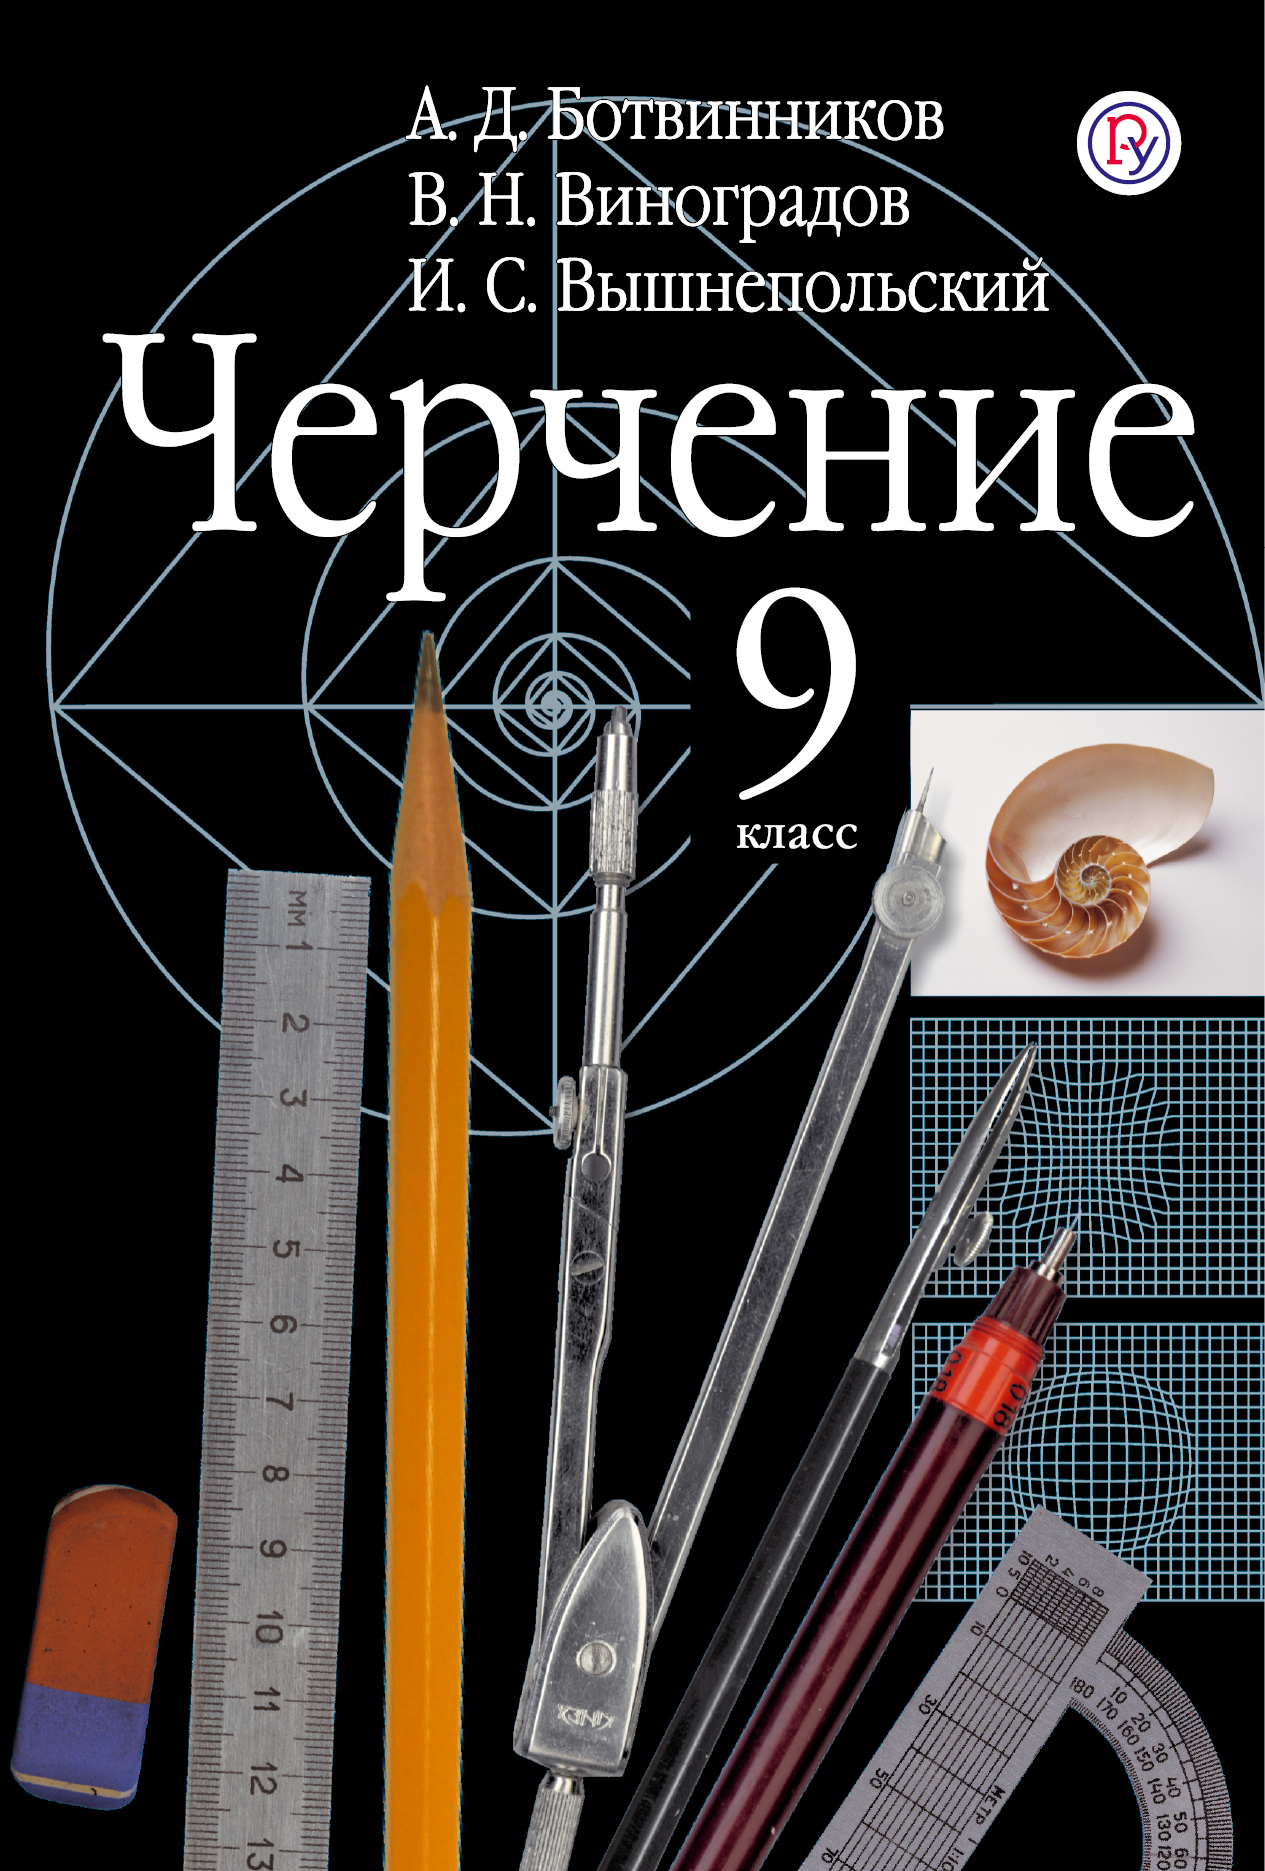 Ботвинников А.Д., Виноградов В.Н., Вышнепольский И.С. Черчение. 9 класс. Учебник.